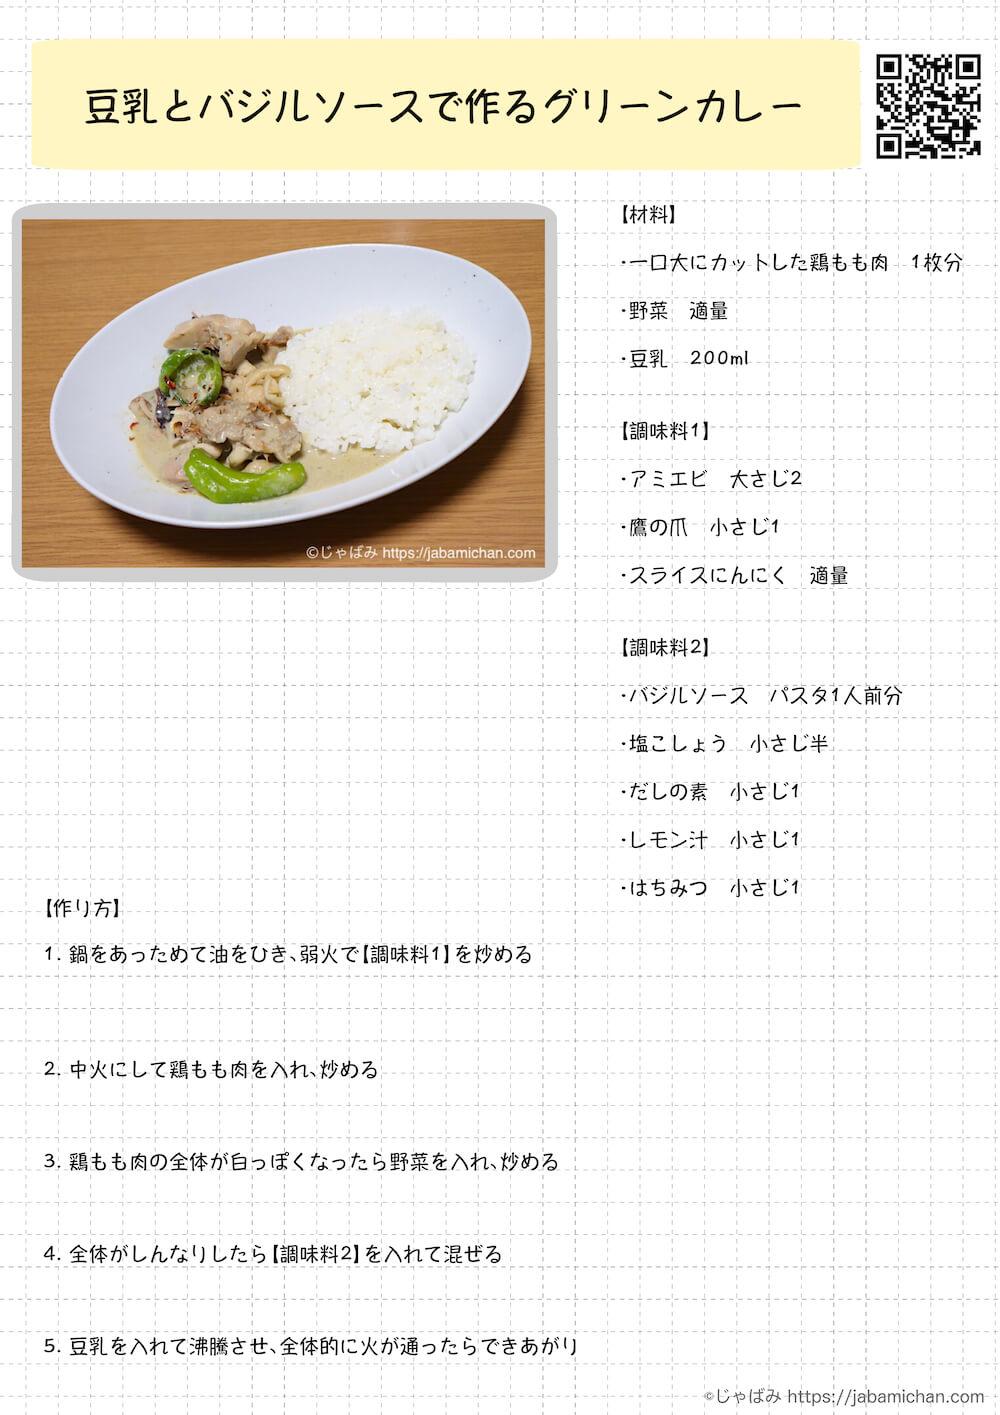 豆乳とバジルソースで作るグリーンカレー レシピ